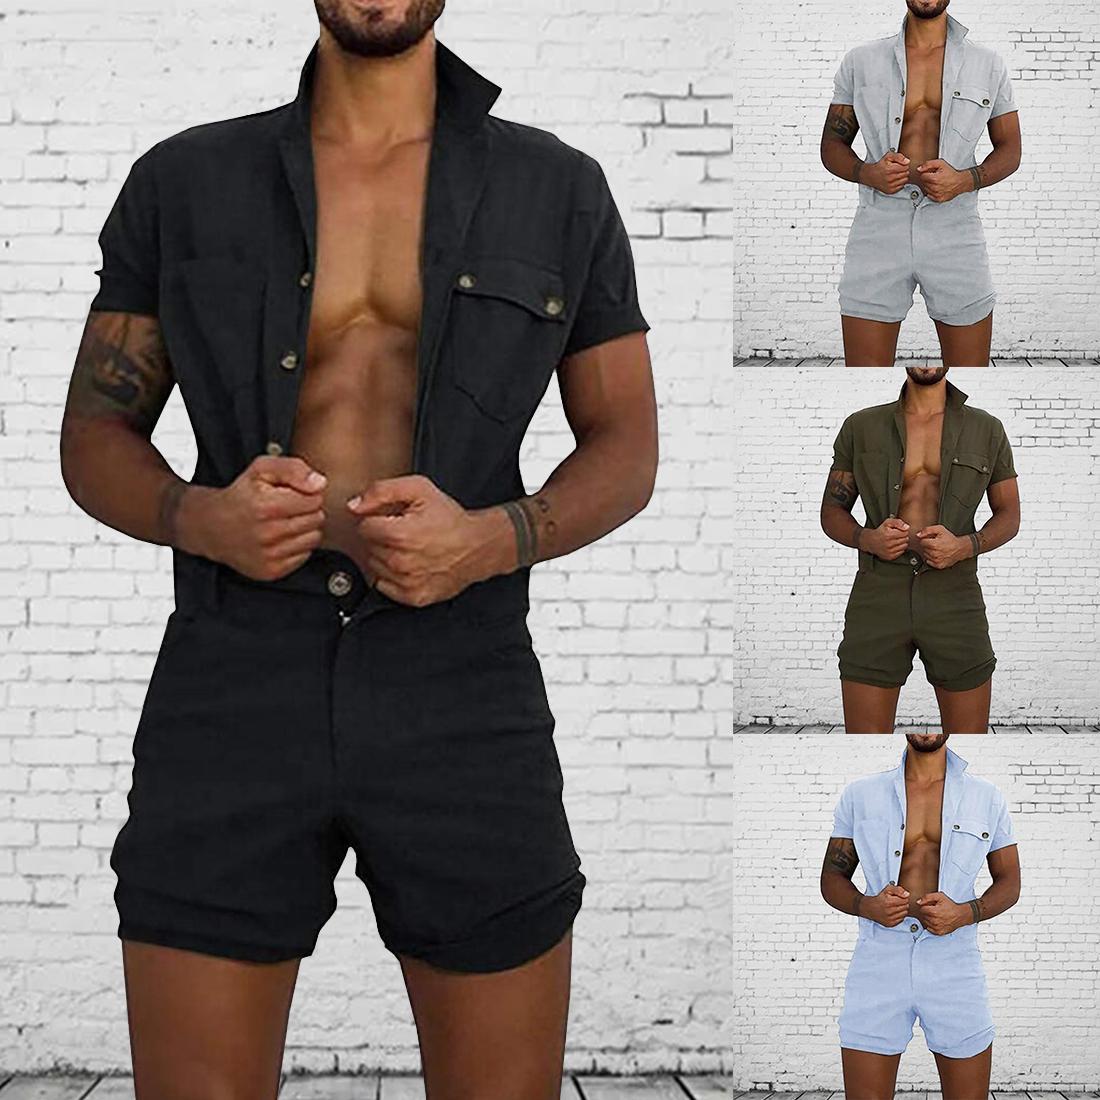 NOUVEAUX Hommes Combinaisons Casual Casual revers Sleeve Sleeve Rompes Solid Globalement One-Pio-Pièce Combinaison Poche Été Vêtements Male Plage Lj201125